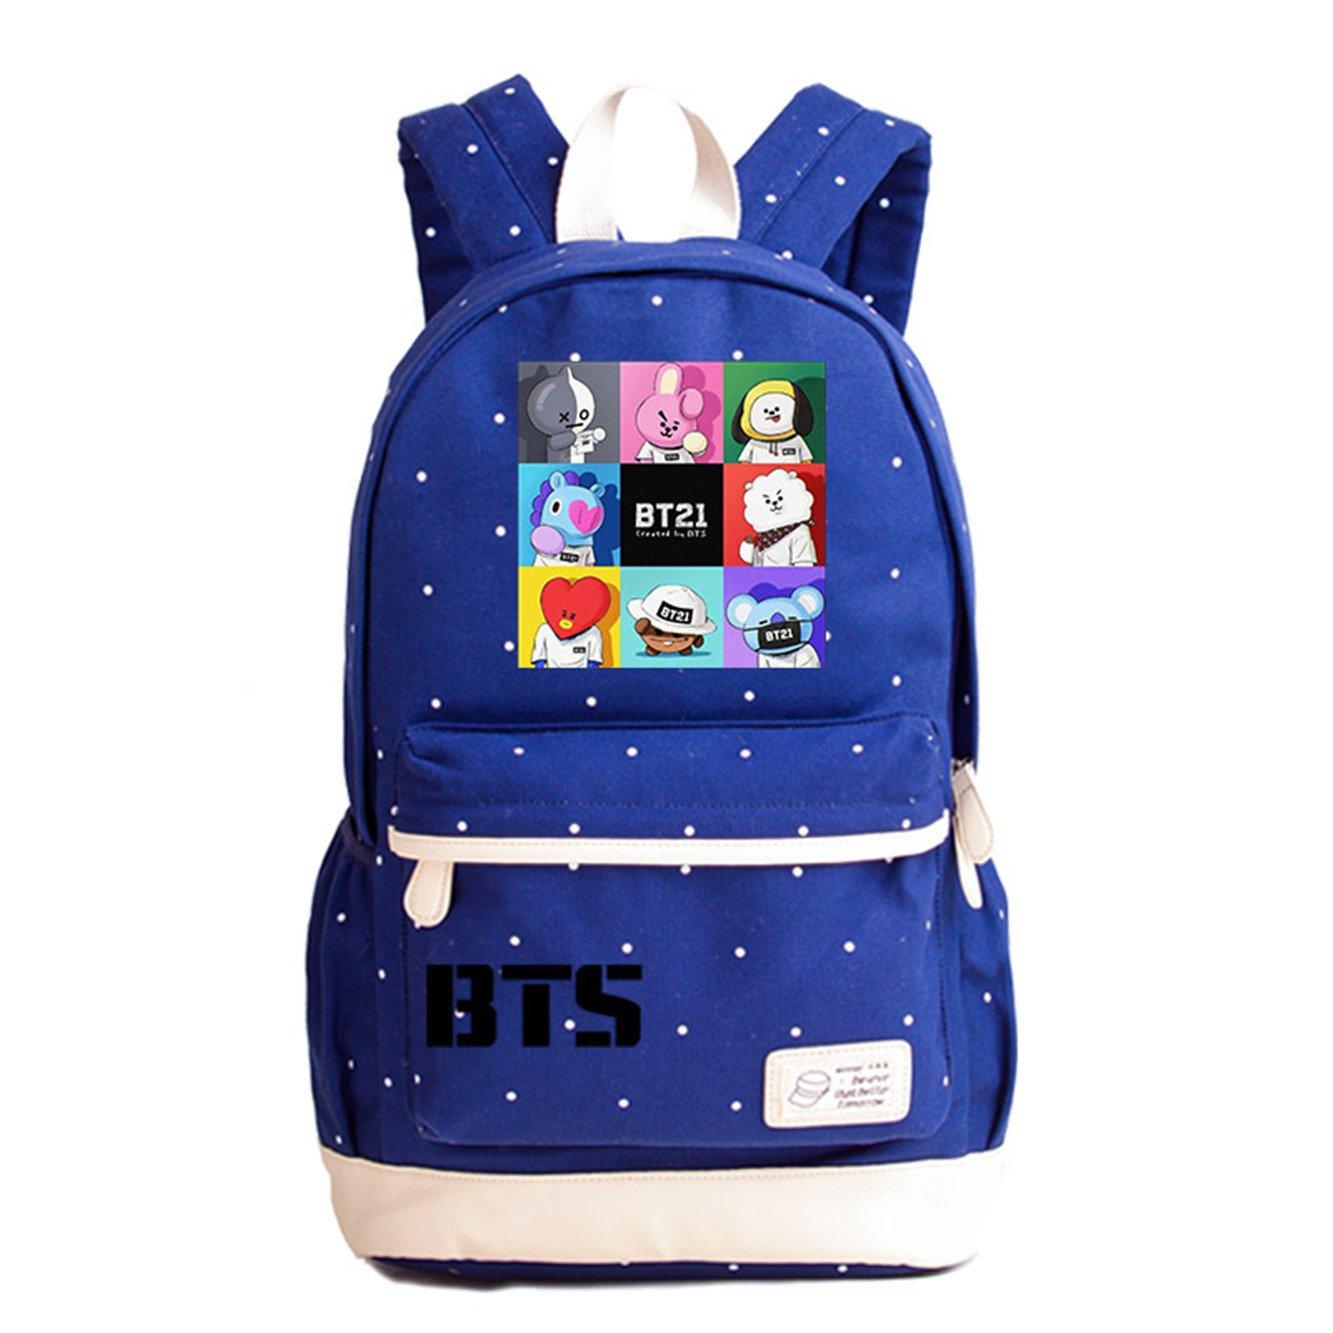 JUSTGOGO Luminous Korean Casual Backpack Daypack Laptop Bag College Bag Book Bag School Bag (Dark Blue 13)